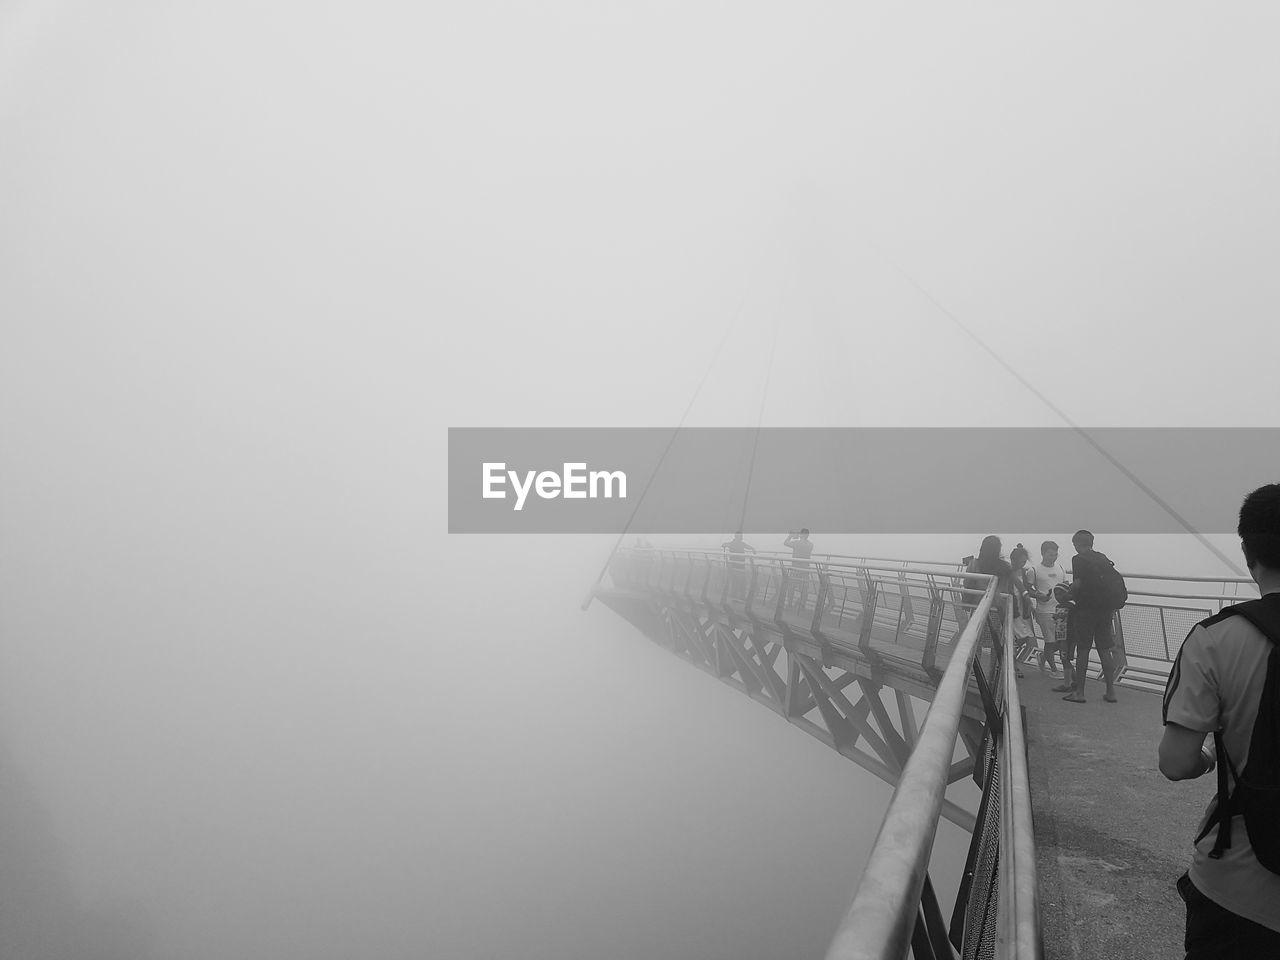 PEOPLE AT BRIDGE AGAINST SKY